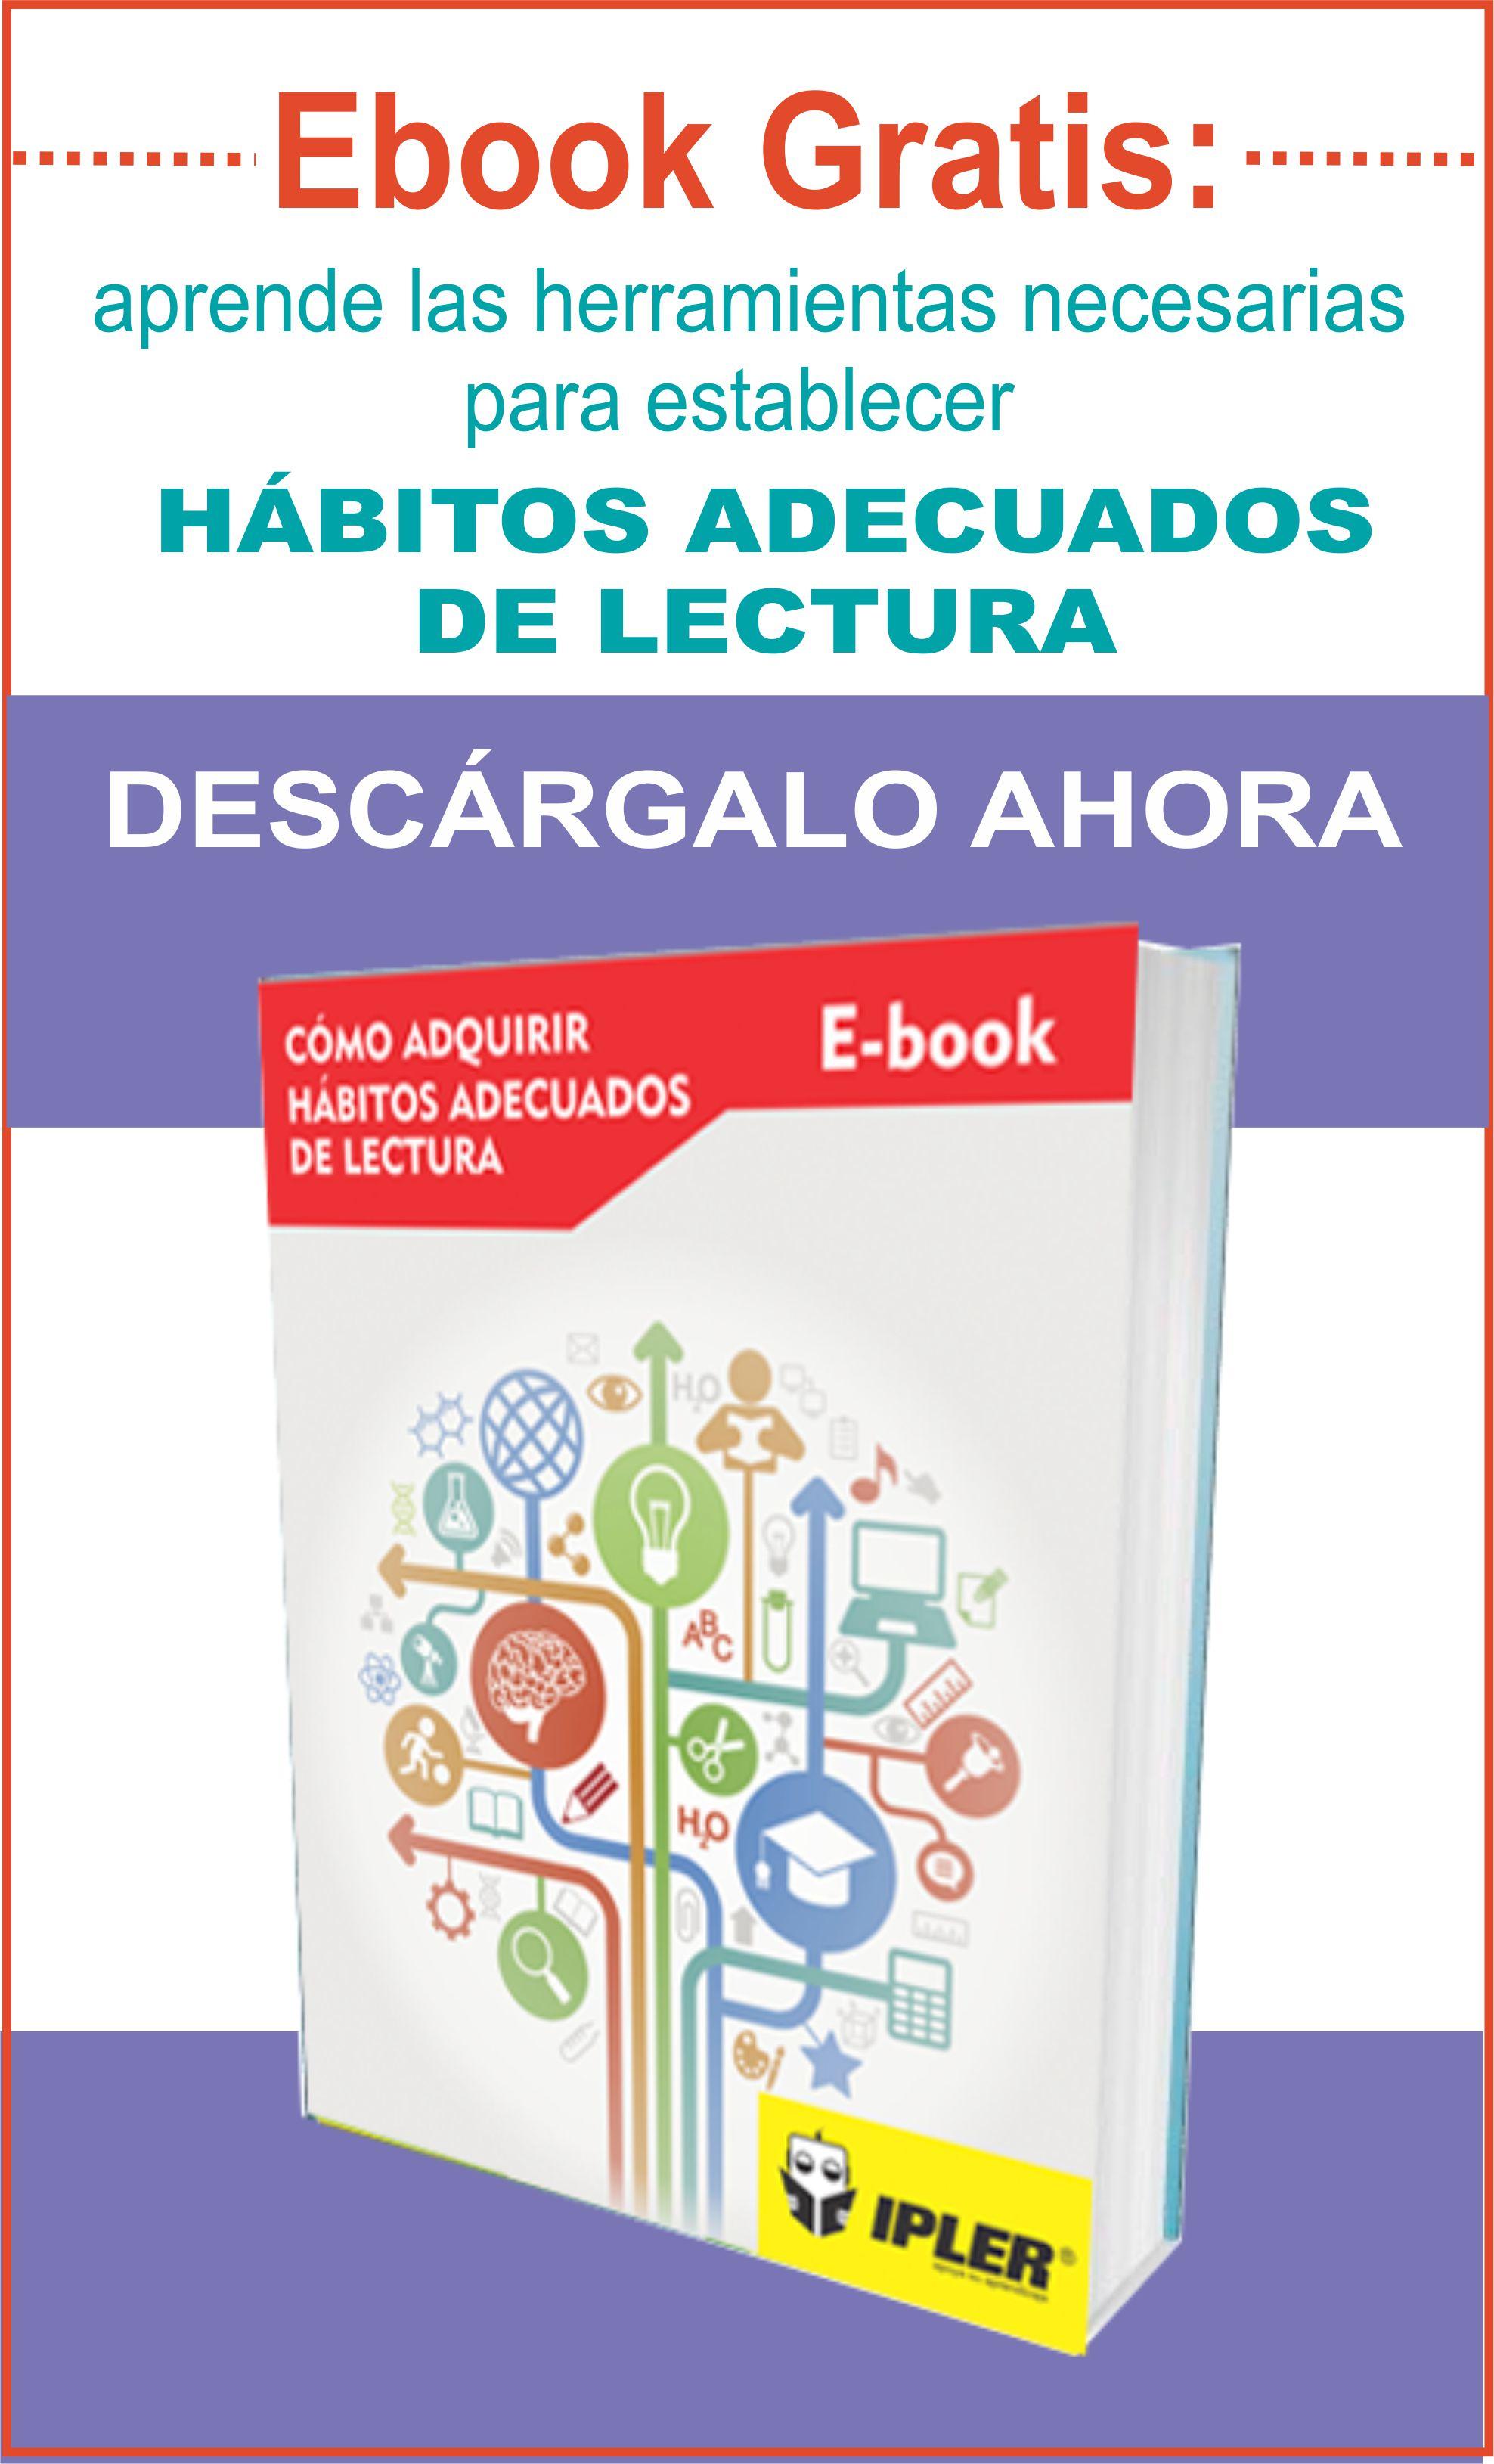 habitos-lectura-gratis